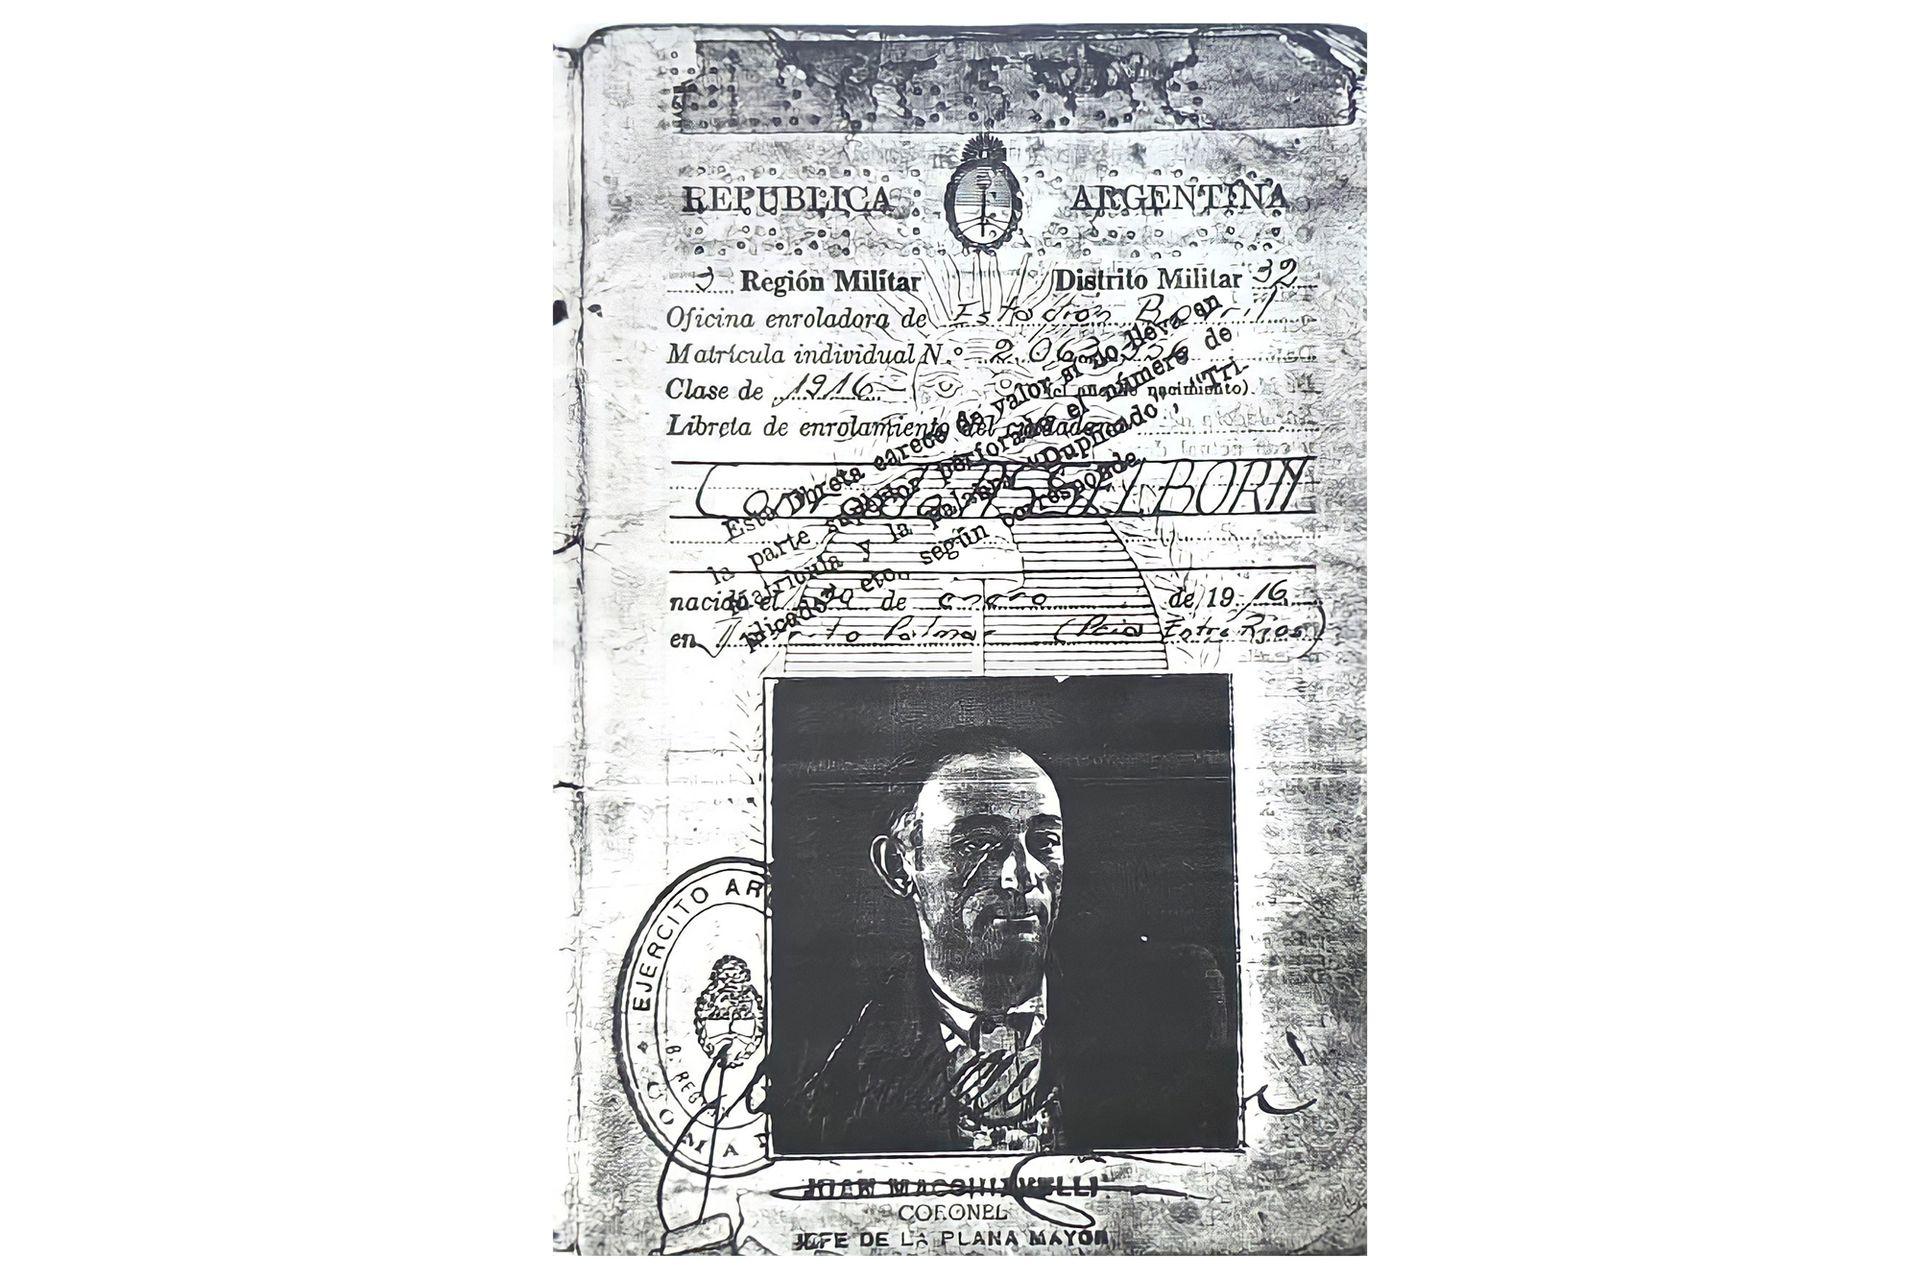 Conrado Asselborn murió en 1992 en Cabo Vírgenes